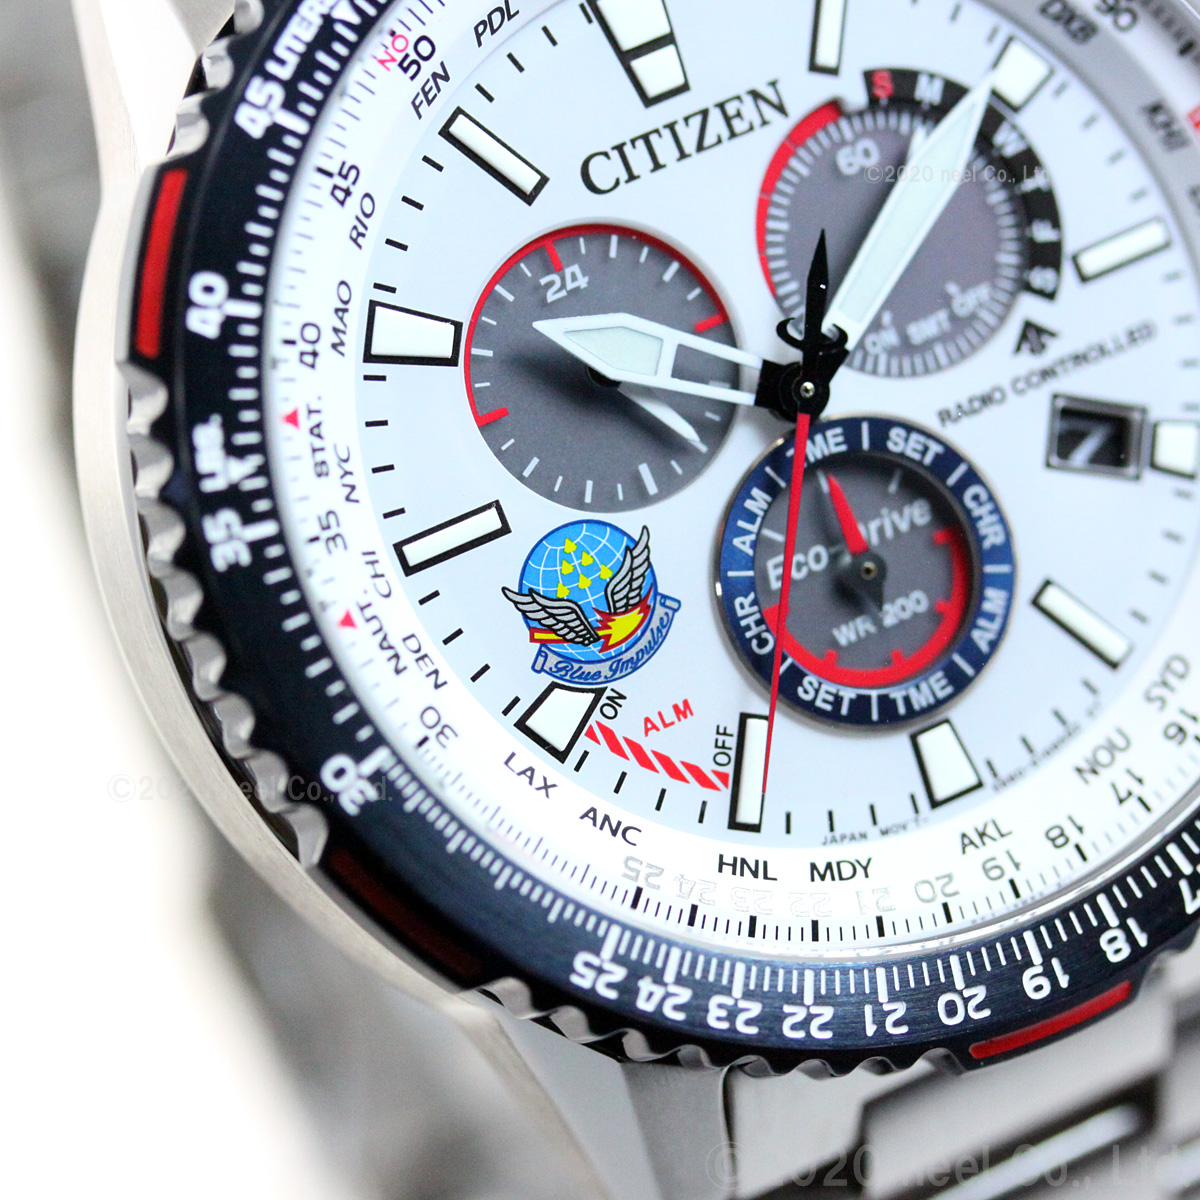 シチズン プロマスター スカイ エコドライブ 電波時計 ブルーインパルス 限定モデル 腕時計 メンズ CITIZEN PROMASTER SKY CB5001-65A